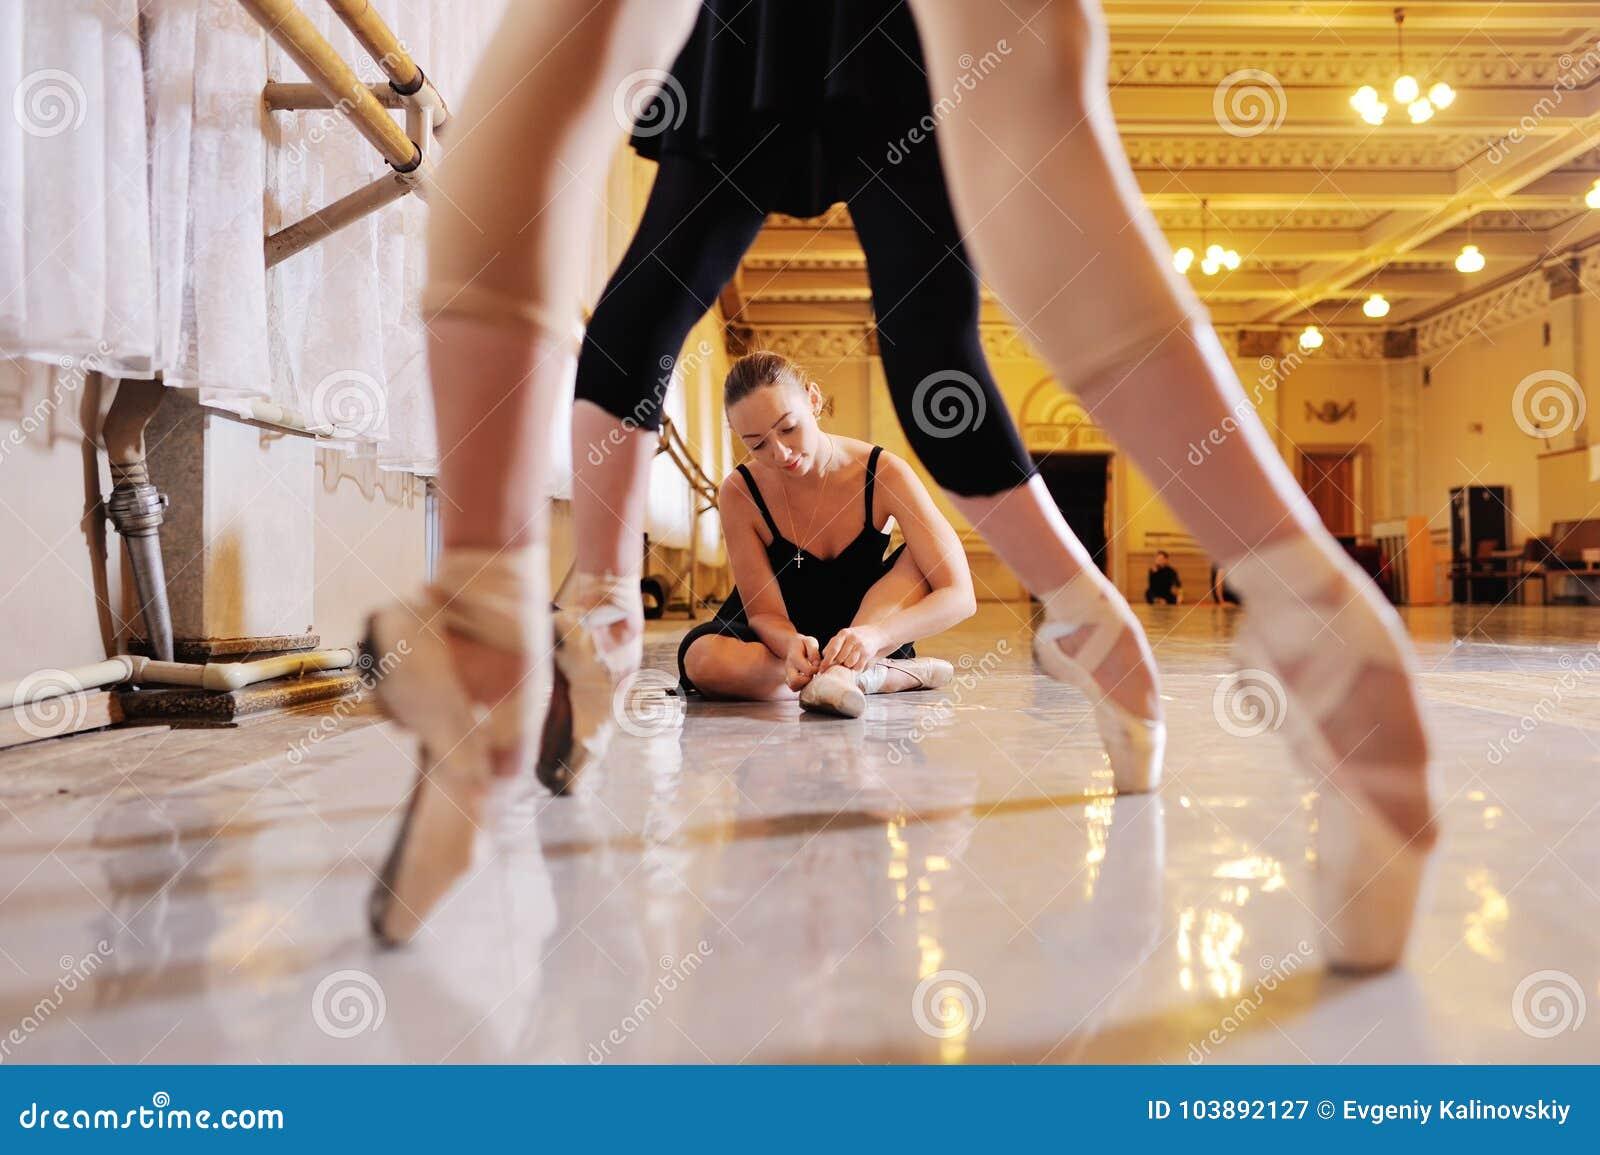 Drie jonge leuke ballerina s voeren oefeningen op een choregrafische machine of een staaf uit